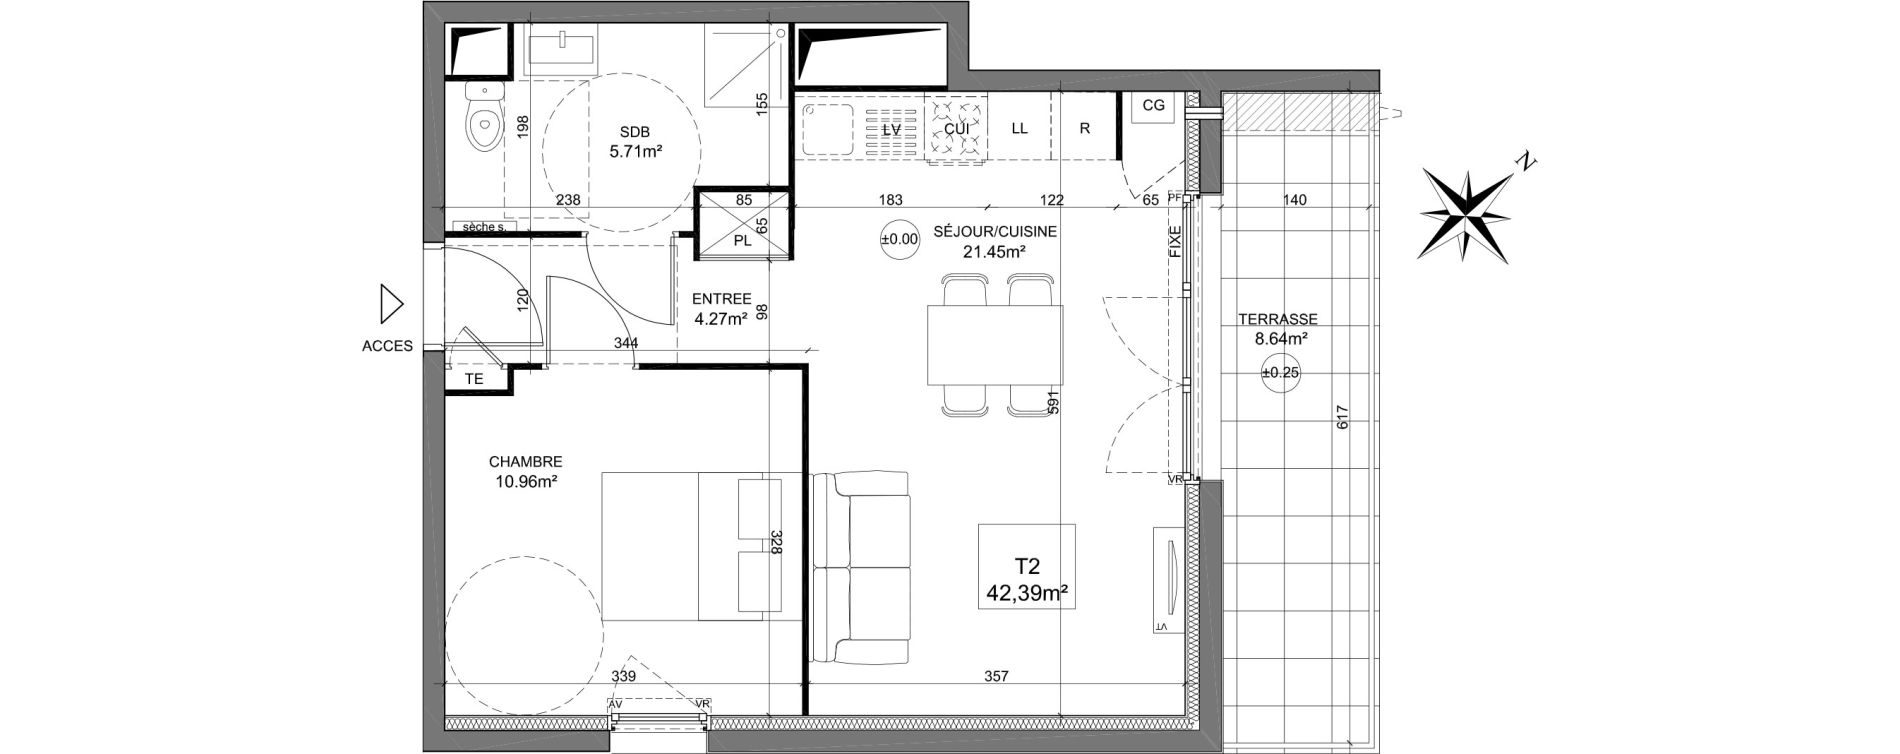 Appartement T2 de 42,39 m2 à Dreux Zac du square